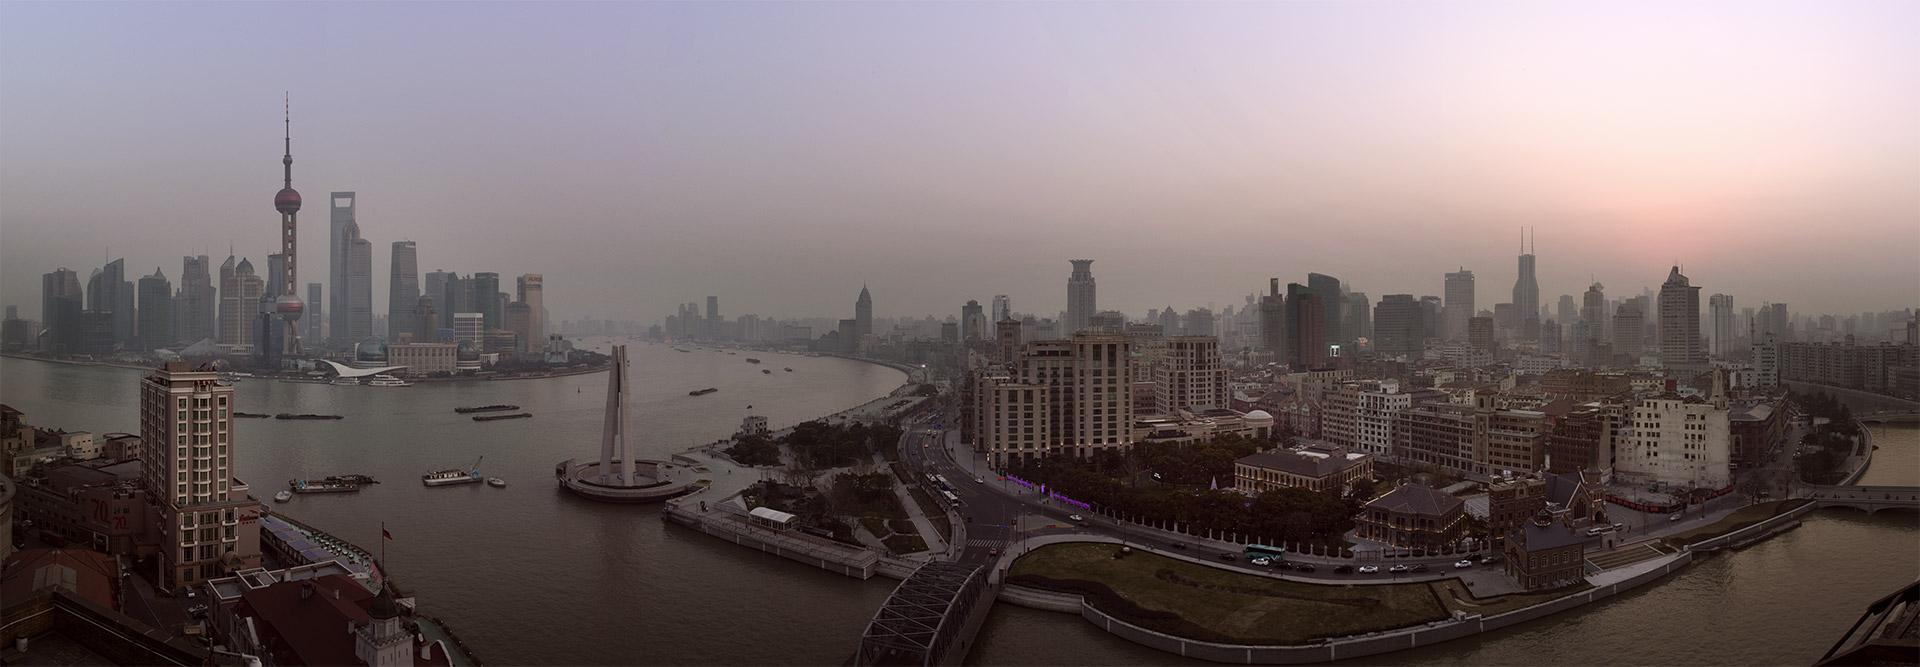 Shanghai_Panorama_dusk